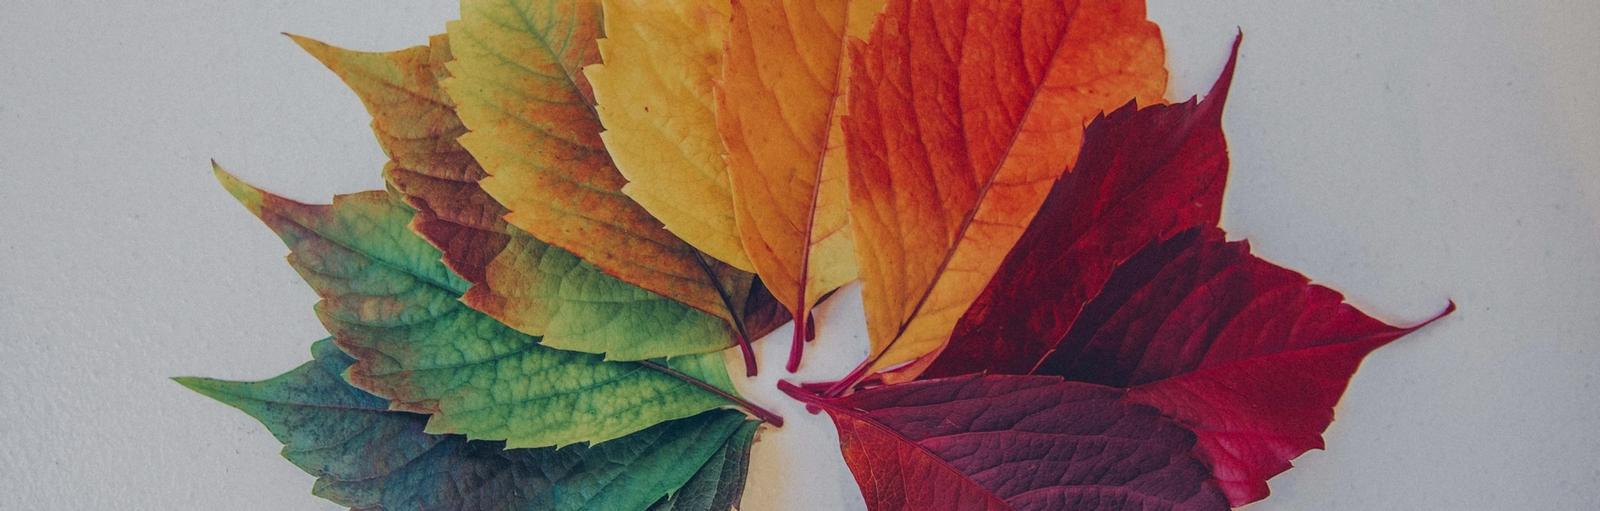 foglie con i colori di tutte le stagioni